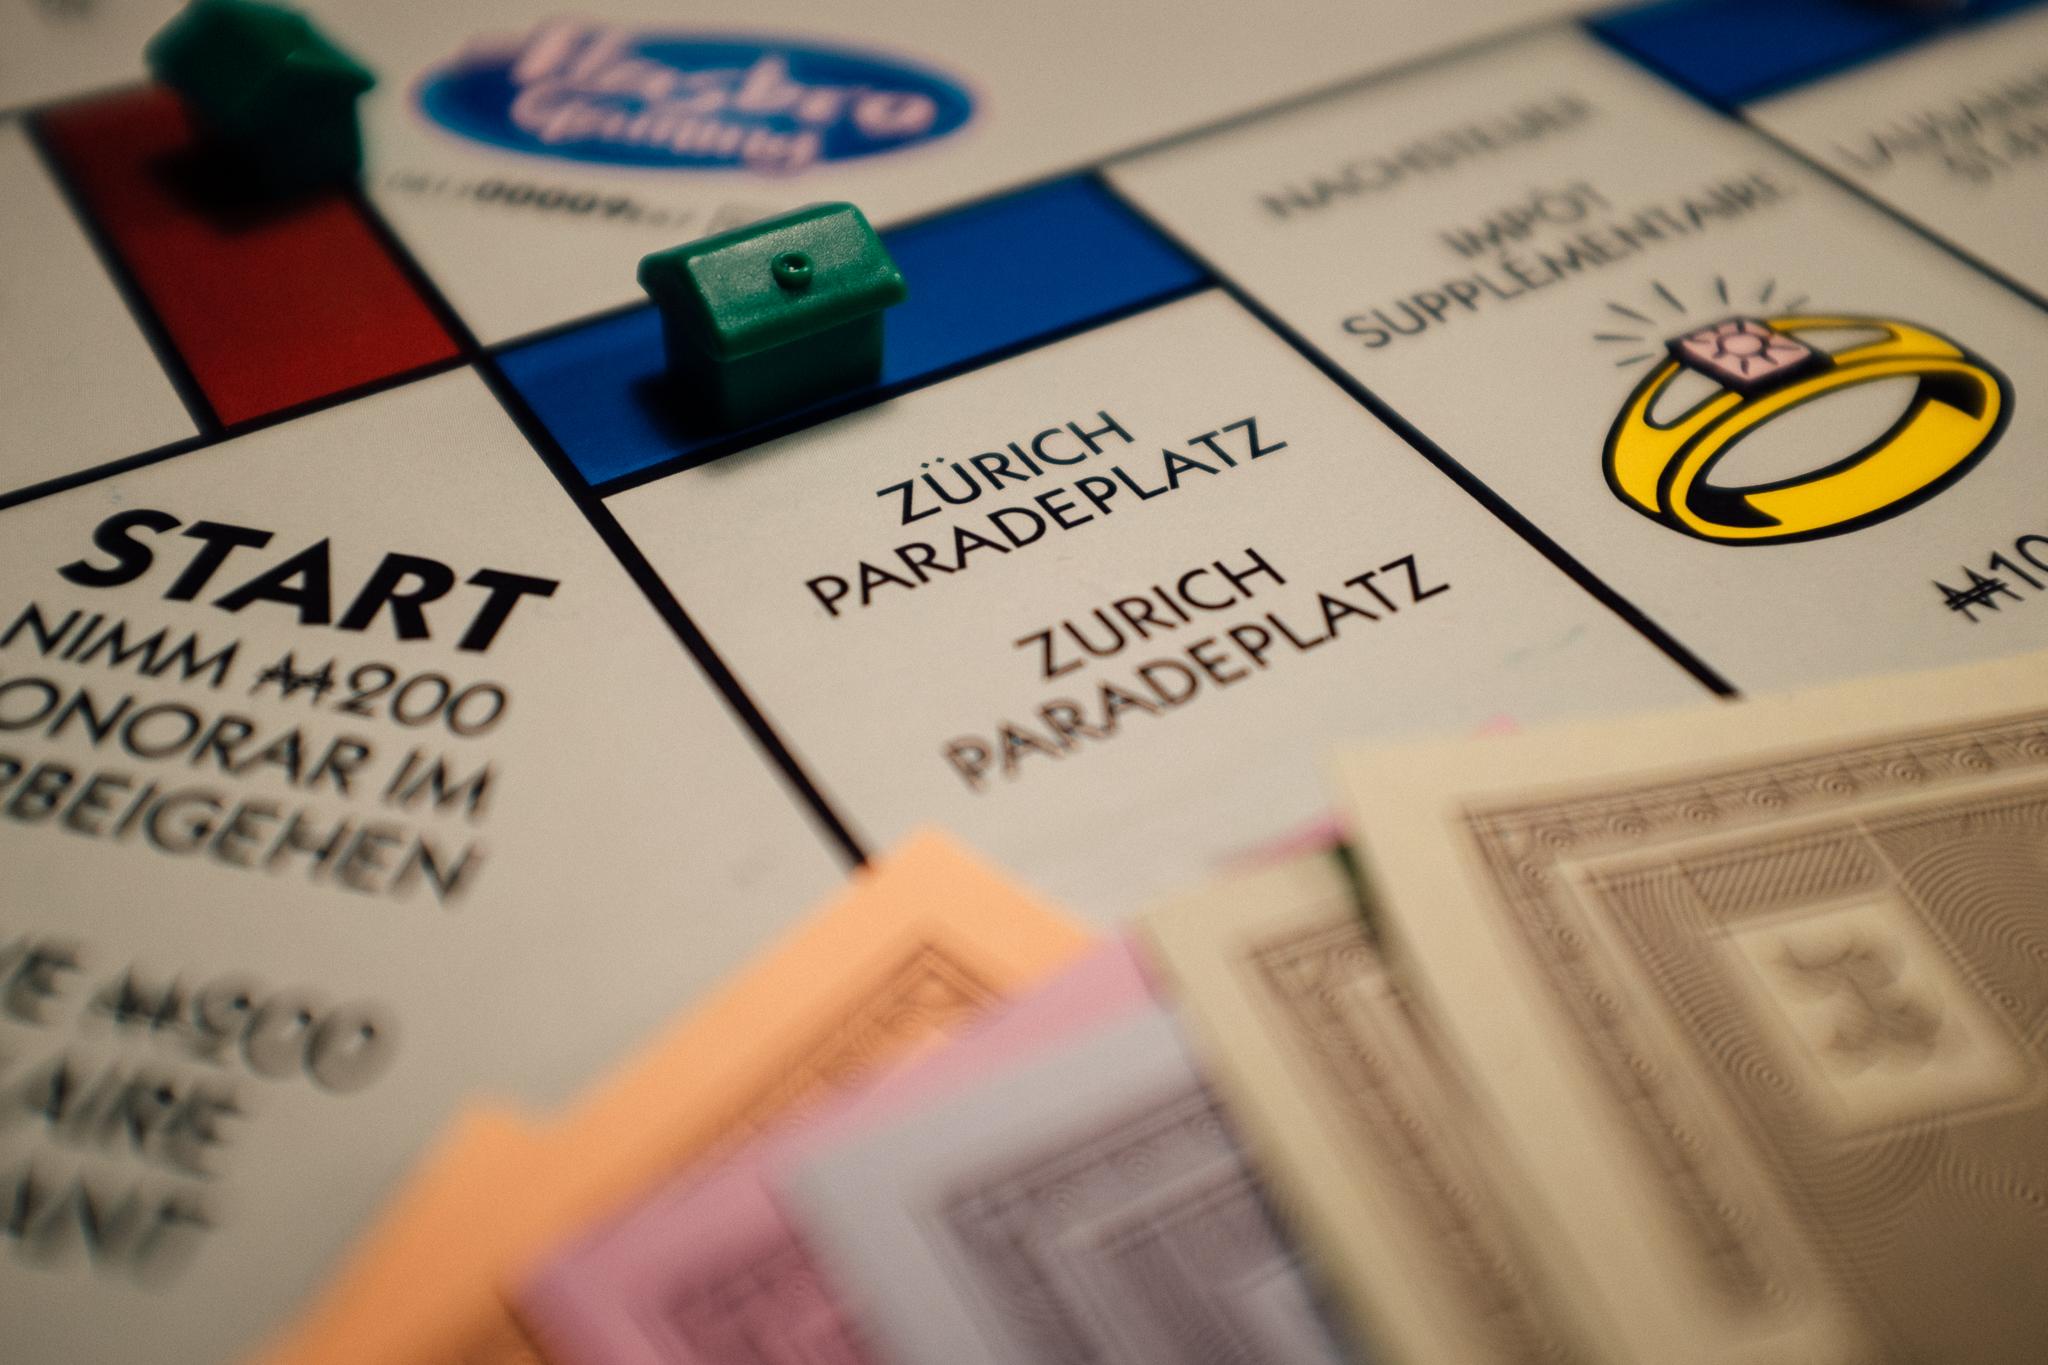 20150806_Monopoly neu entdeckt.jpg